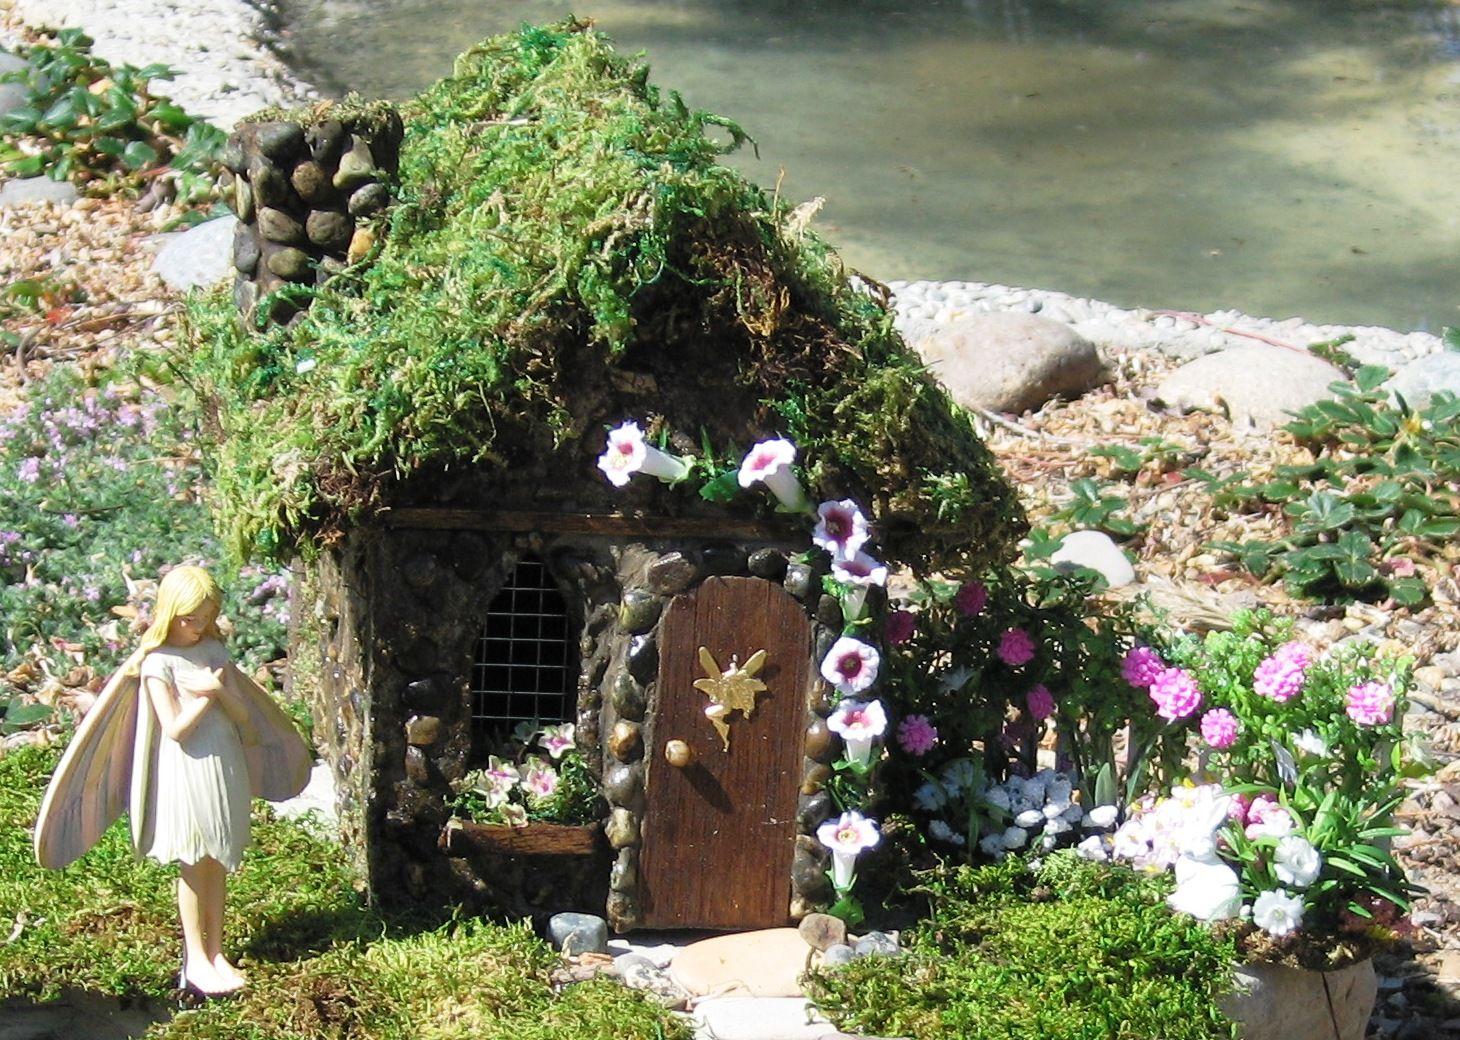 Fairy Houses For Garden Fairy Gardens Walnuts N Pears LLC Ready